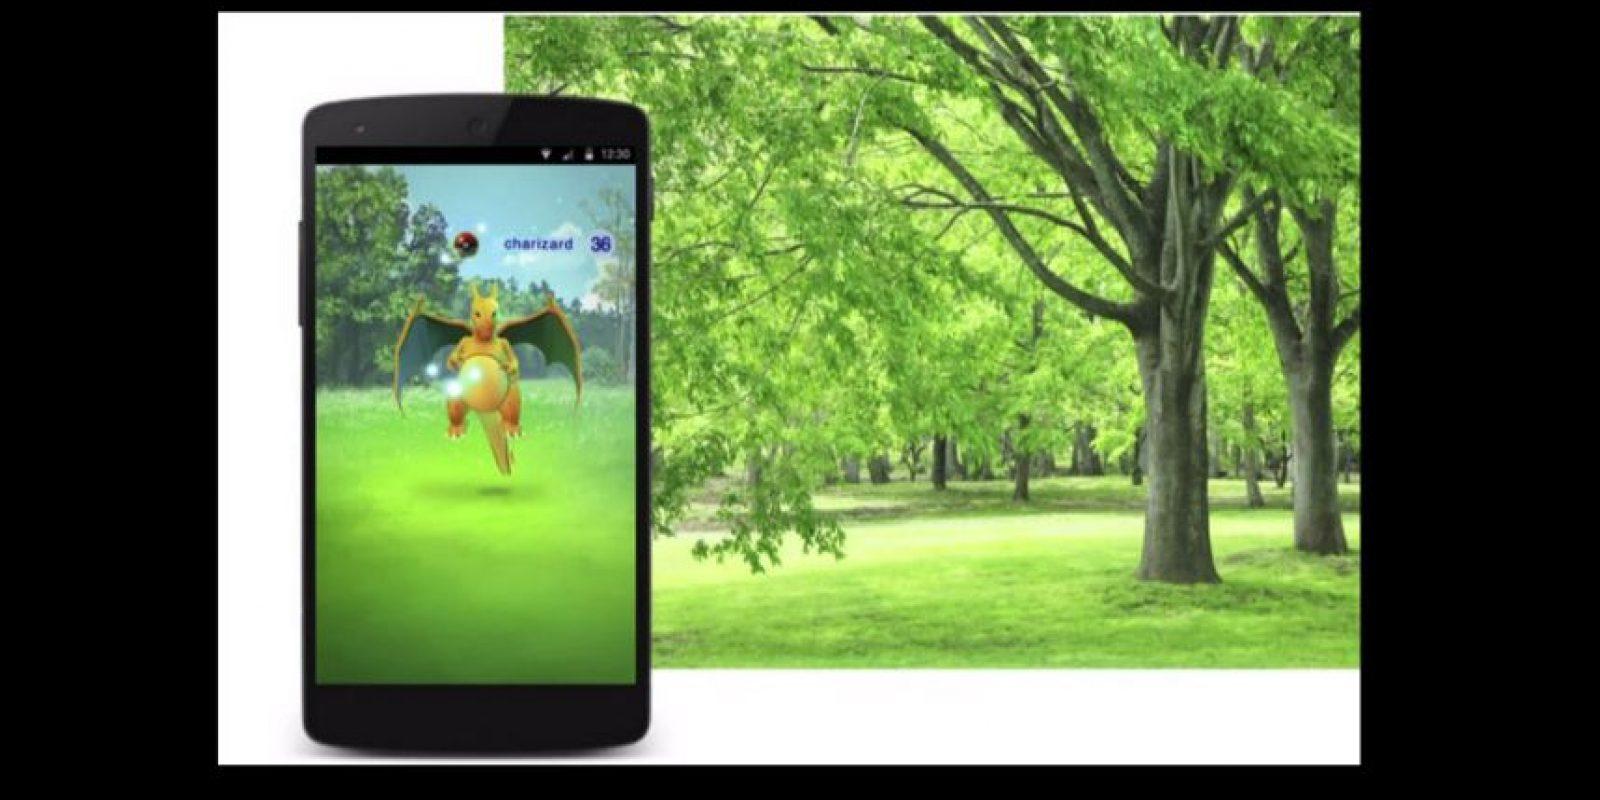 Funcionará gracias a una pulsera que será como una pokebola, y un sensor de en la cámara para poder capturar a los personajes. Foto:Bandai/Nintendo